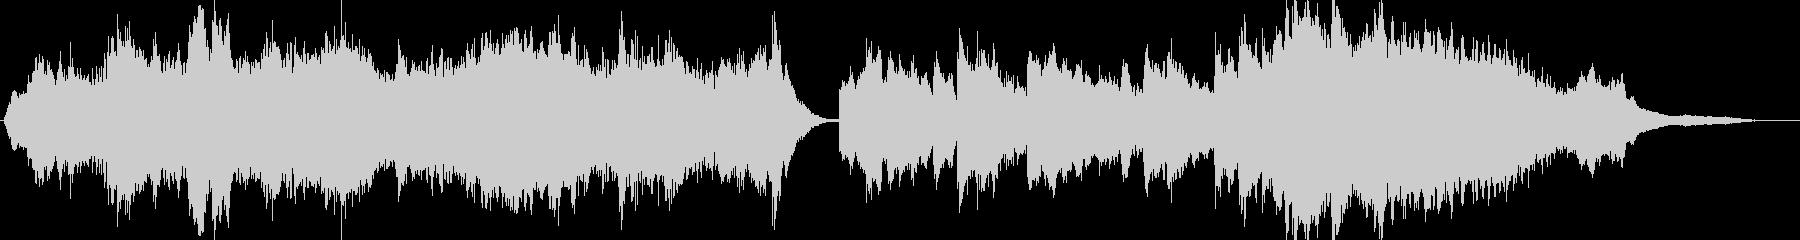 ピアノで軽音楽な曲の未再生の波形